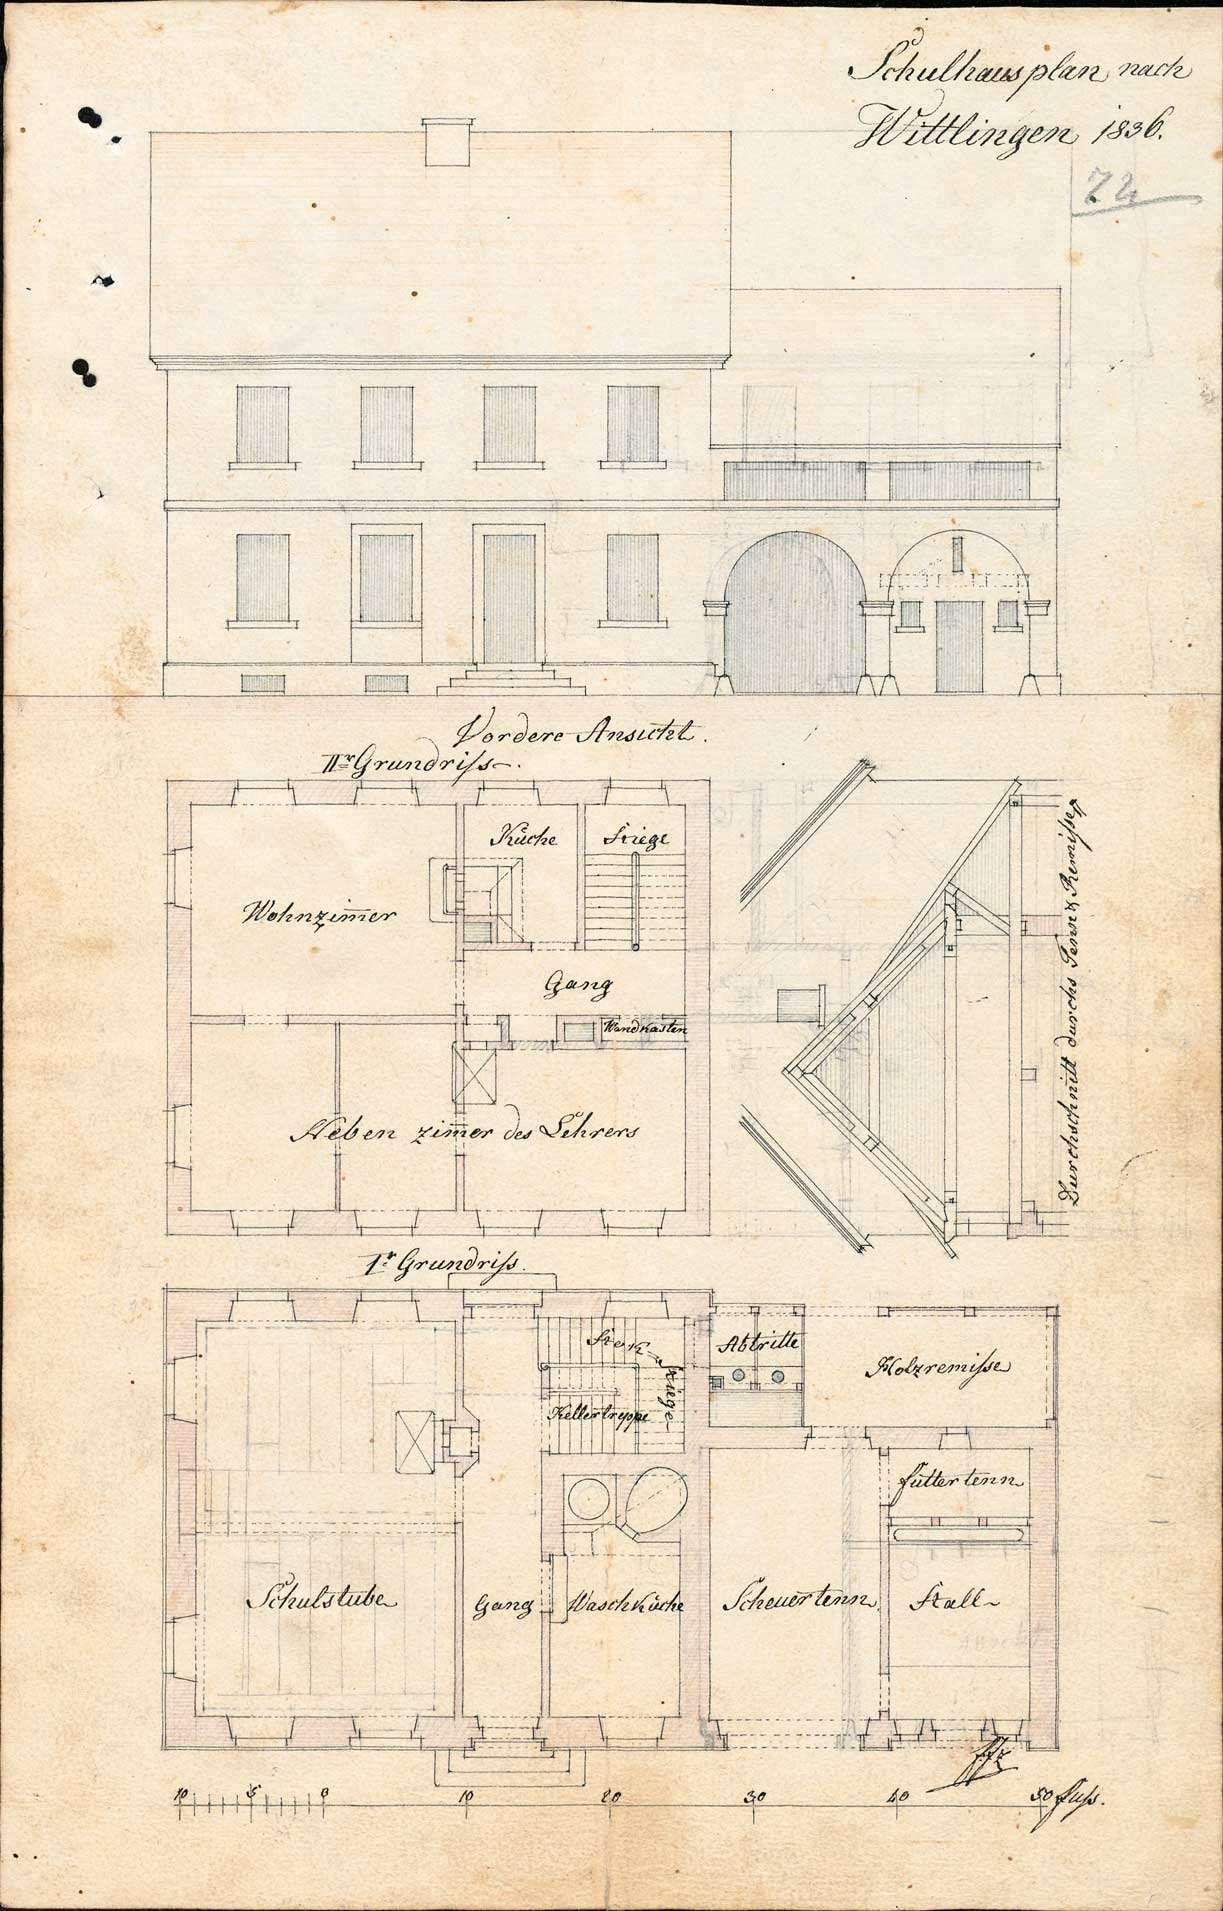 Erbauung eines neuen Schulhauses in Wittlingen und dessen Unterhaltung, Bild 3